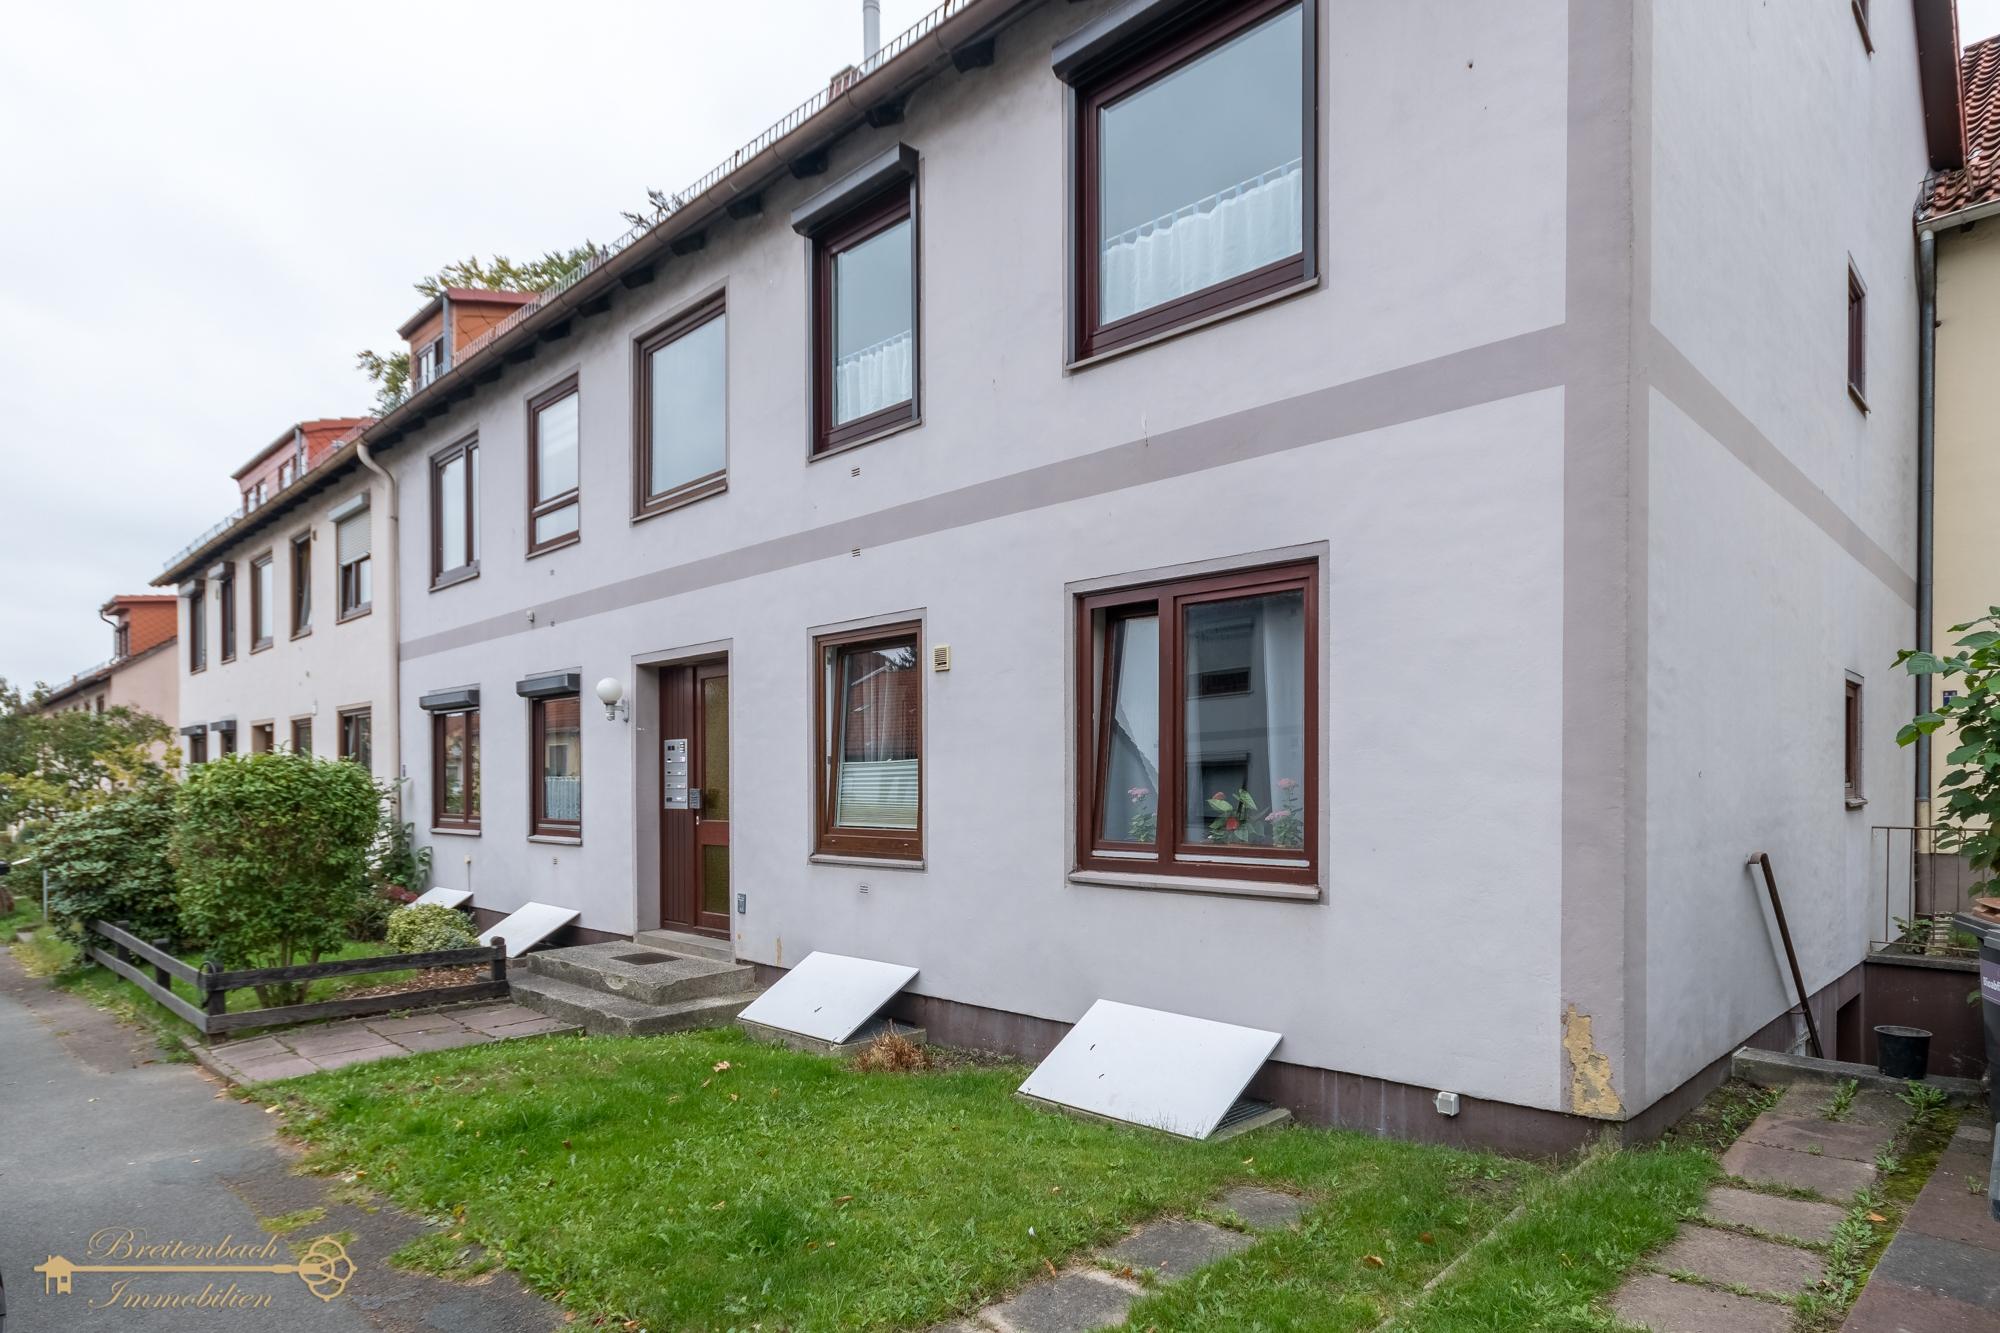 2020-10-03-Breitenbach-Immobilien-16